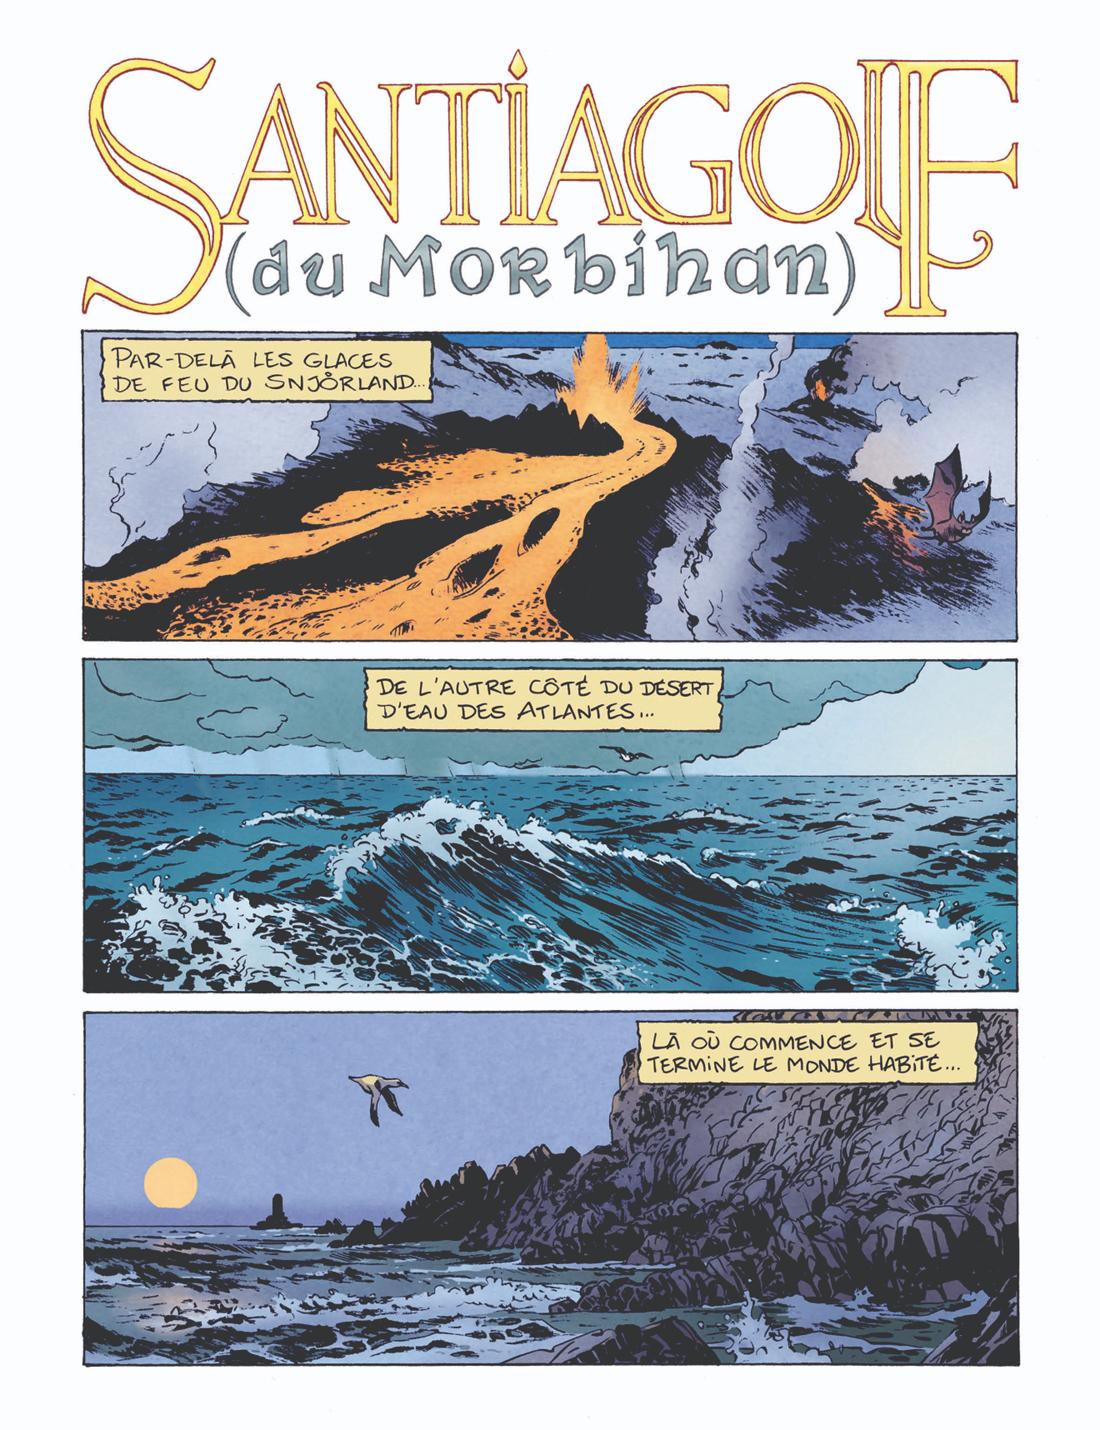 Santiagolf du Morbihan, planche de l'album © Vraoum / B-gnet